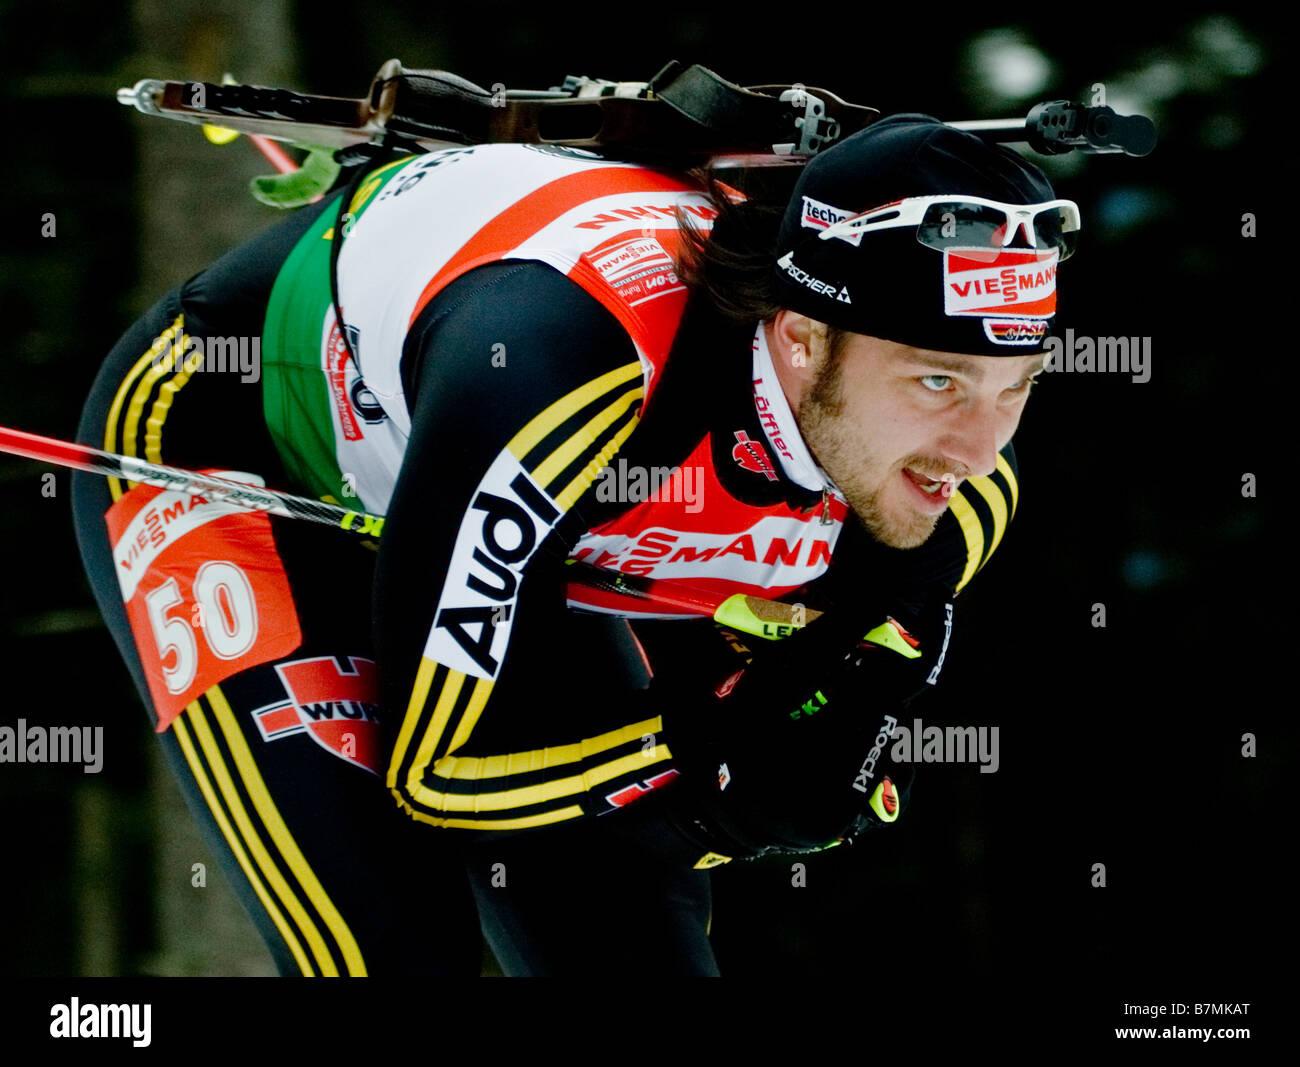 WOLF Alexander Deutschland Biathlon Weltcup Verfolgung Frauen Männer Ruhpolding 18 1 2009 - Stock Image